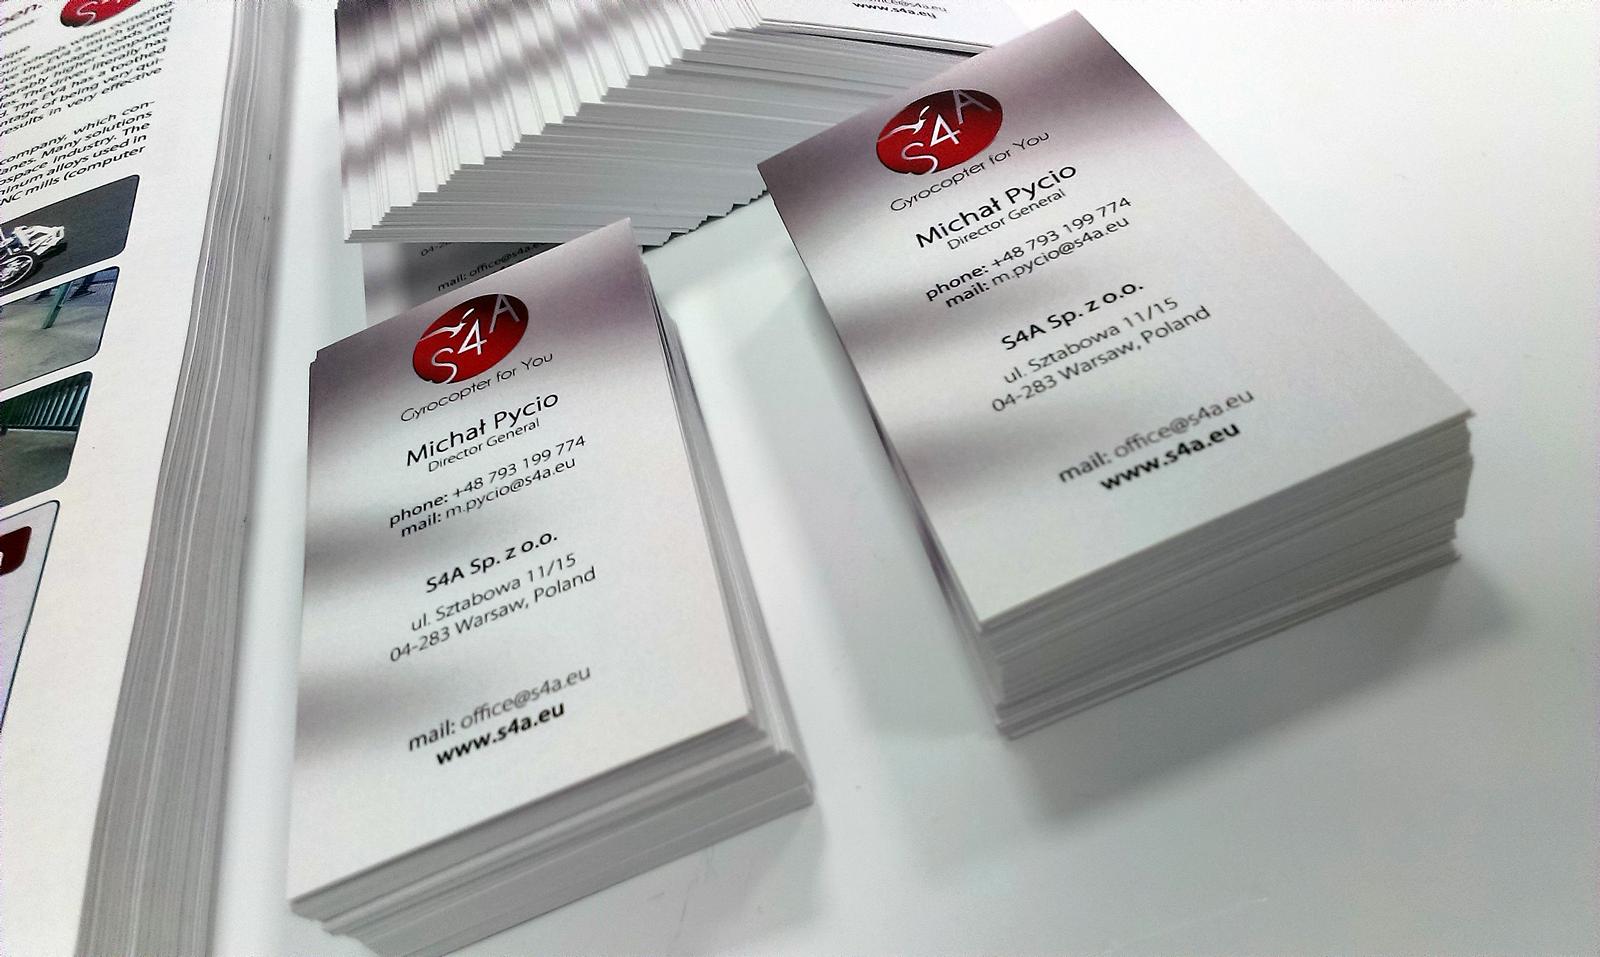 Wizytówki projekt i druk dla S4A.